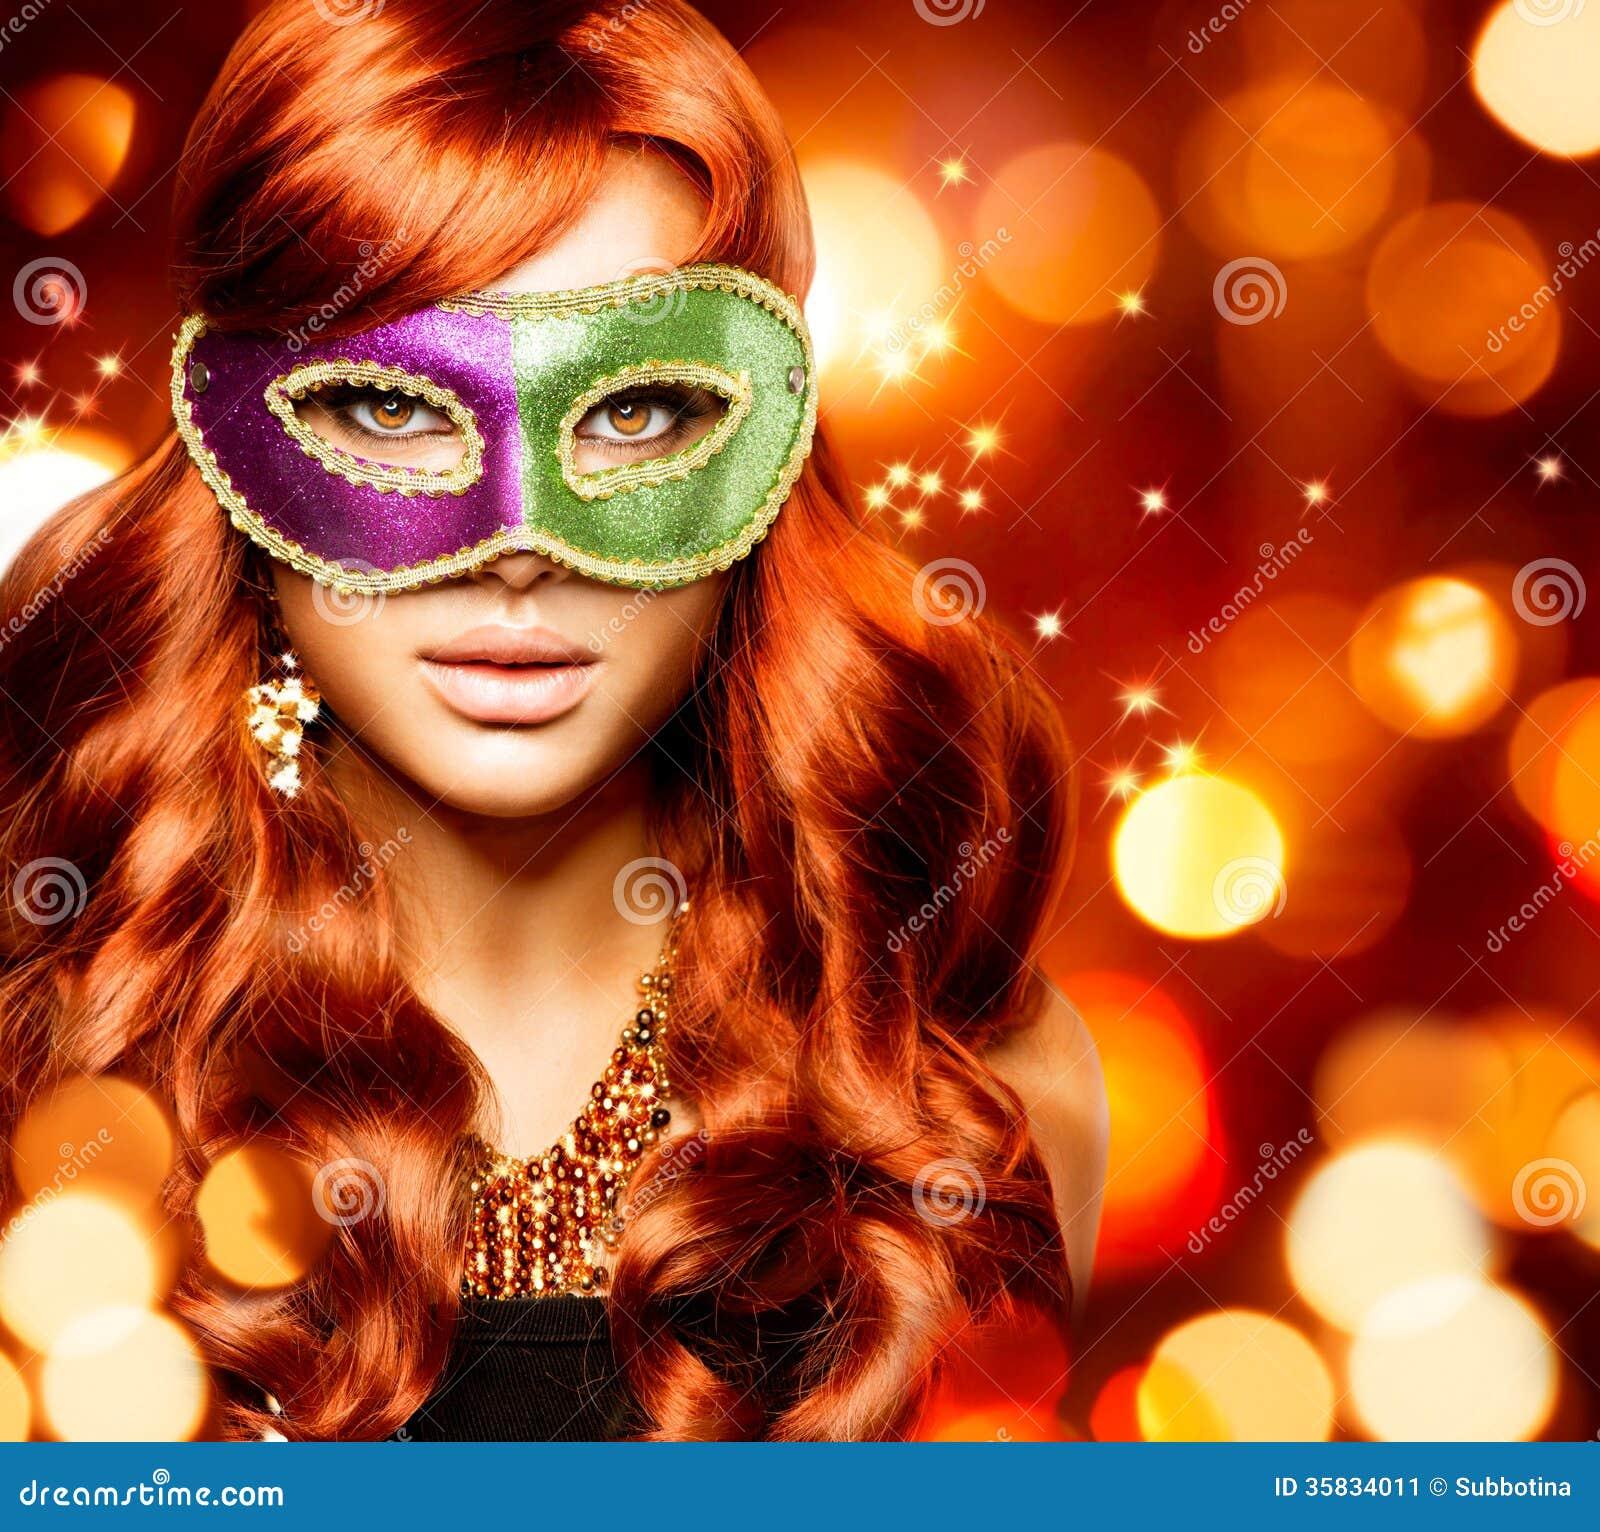 Картинки по запросу фото девочка в маске